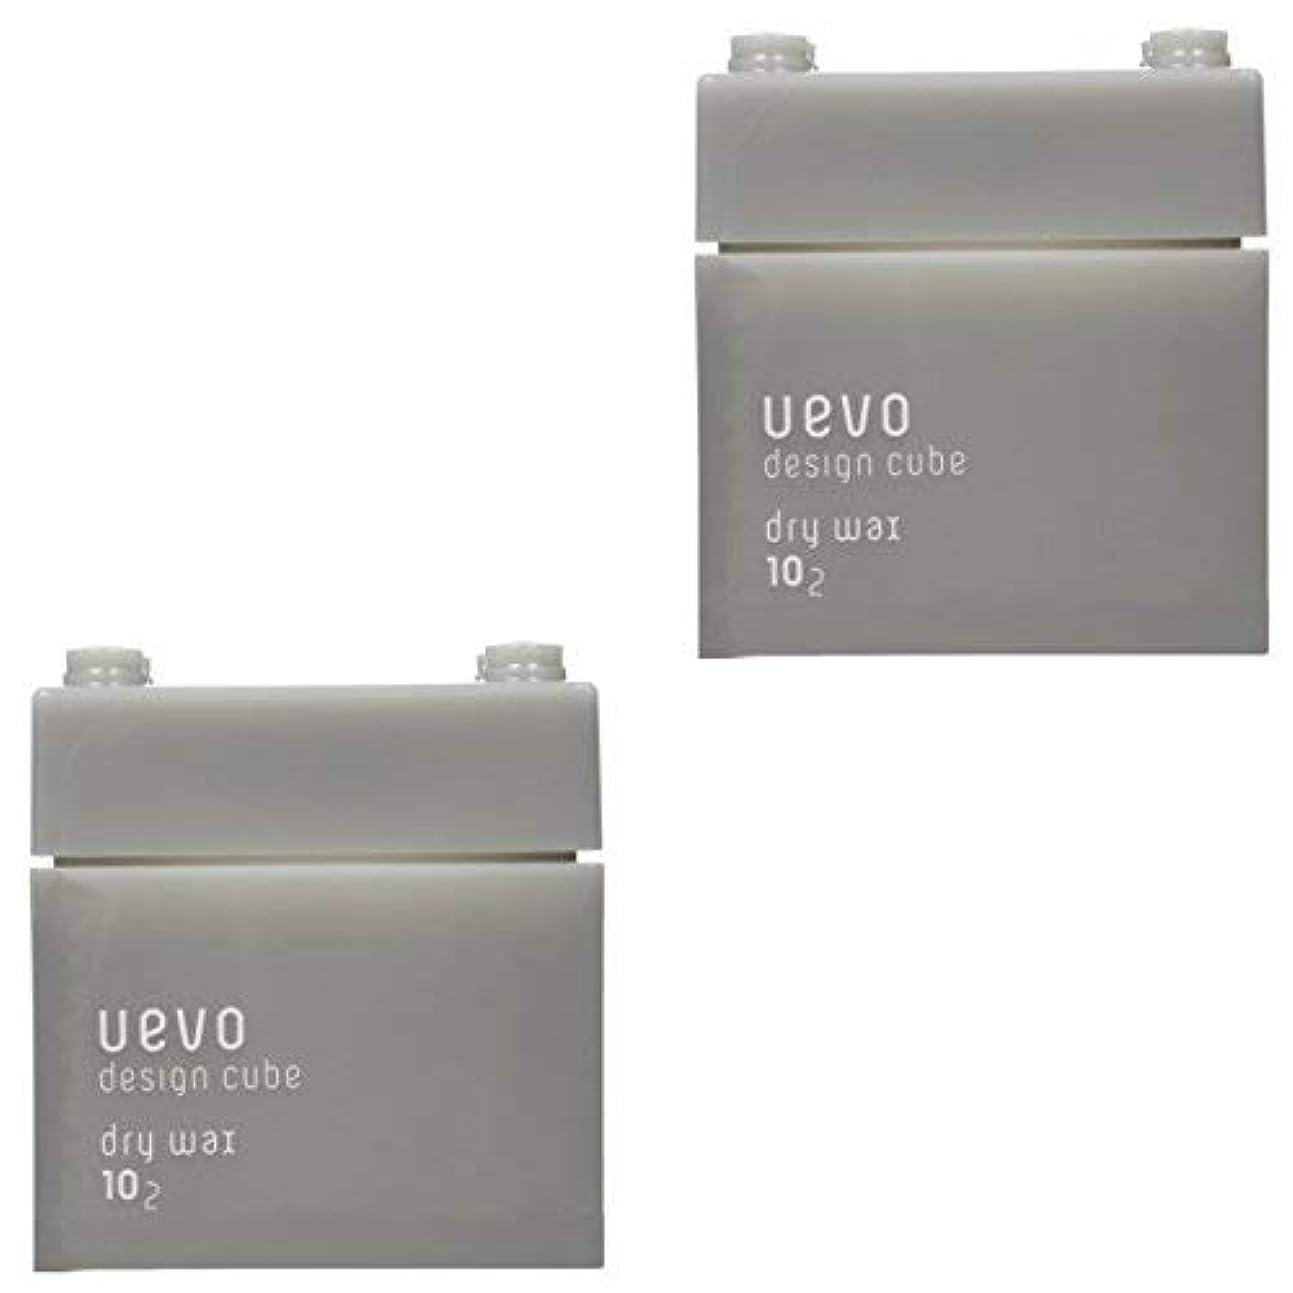 相関するピラミッド深遠【X2個セット】 デミ ウェーボ デザインキューブ ドライワックス 80g dry wax DEMI uevo design cube